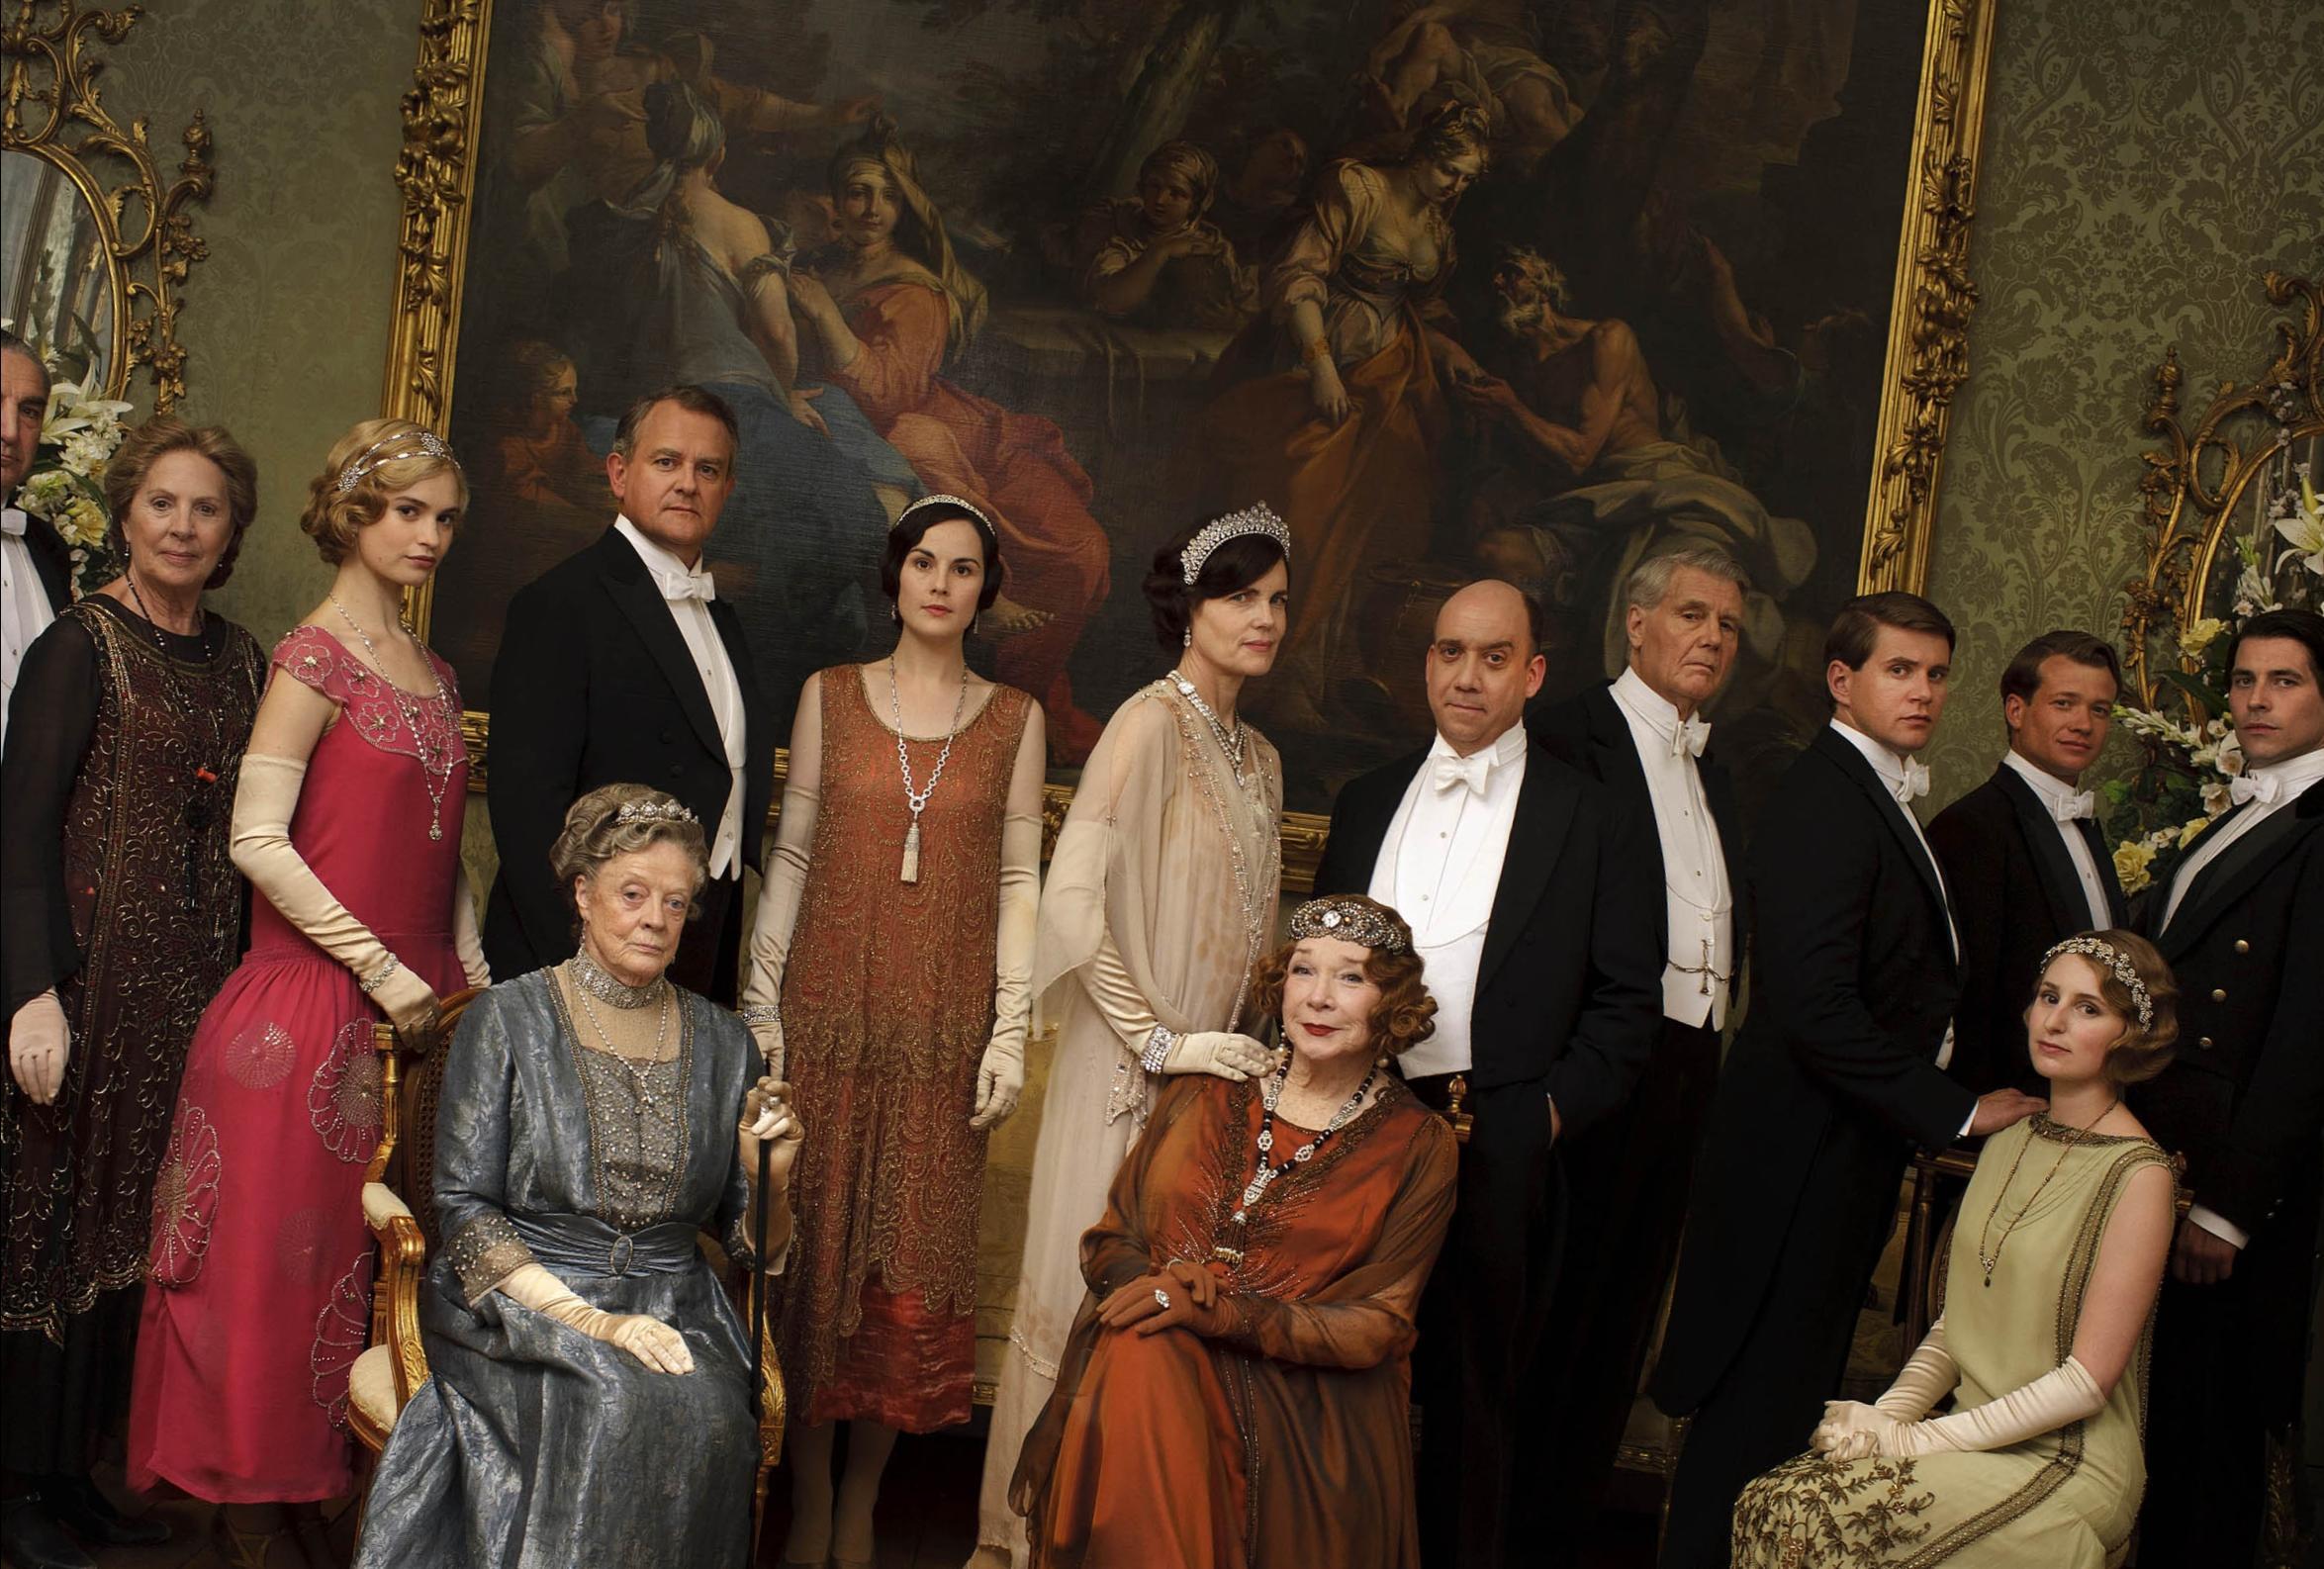 Downton Abbey Wallpapers HD 2349x1586